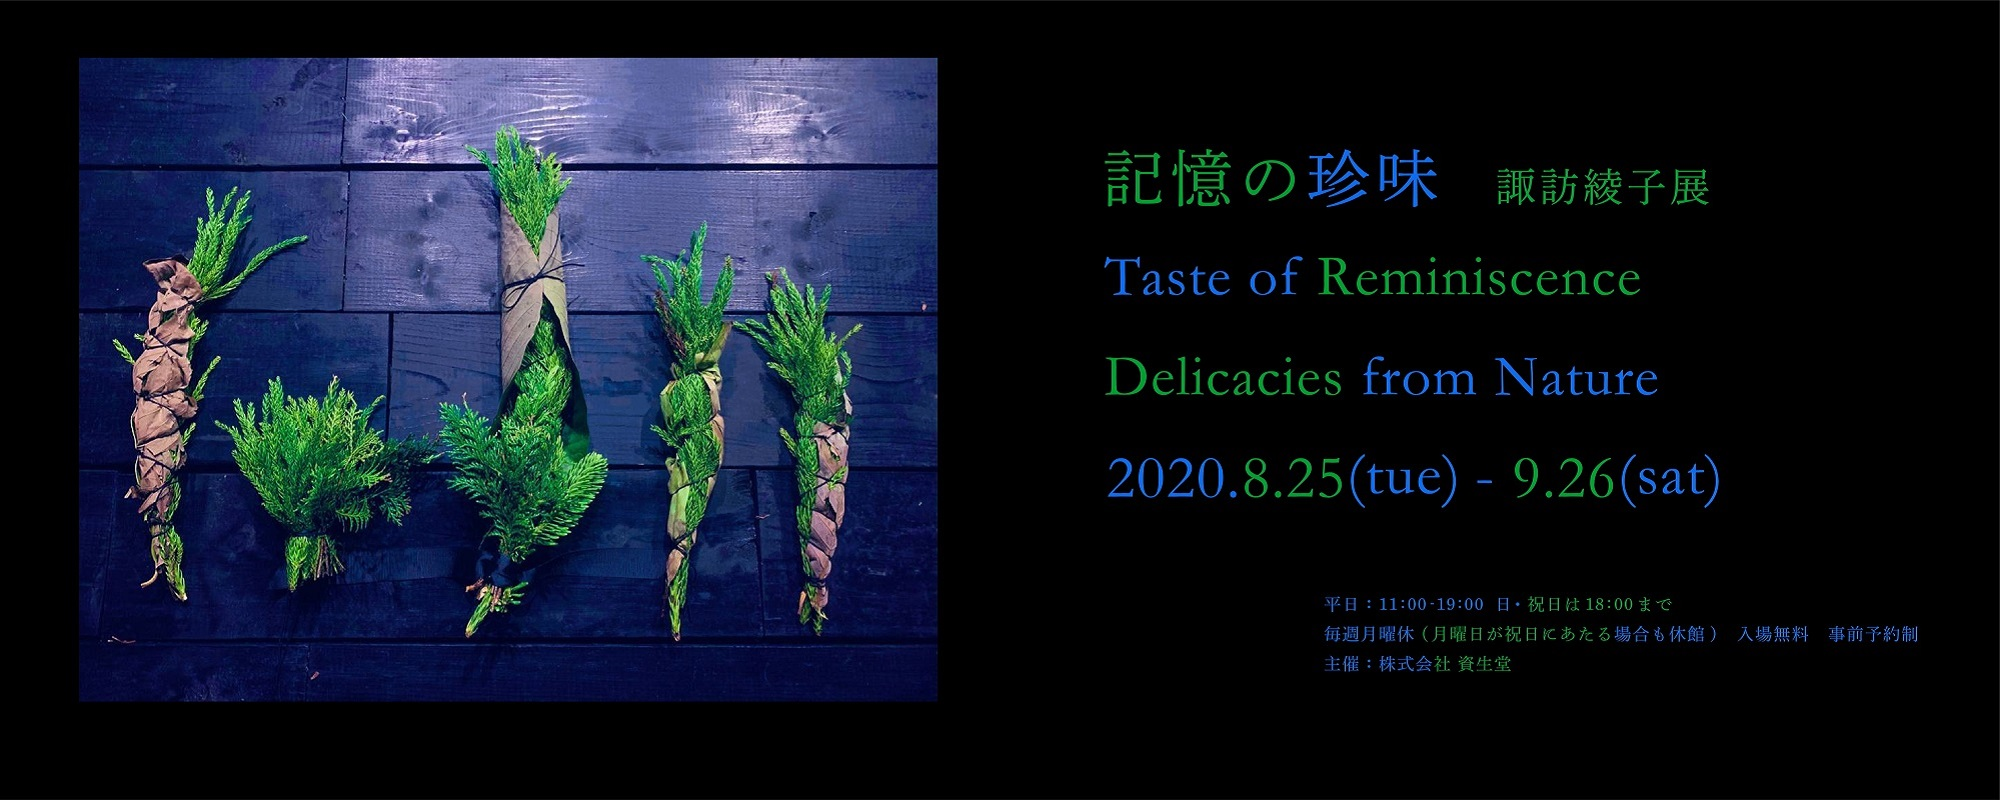 「記憶の珍味 諏訪綾子展 Taste of Reminiscence Delicacies from Nature」